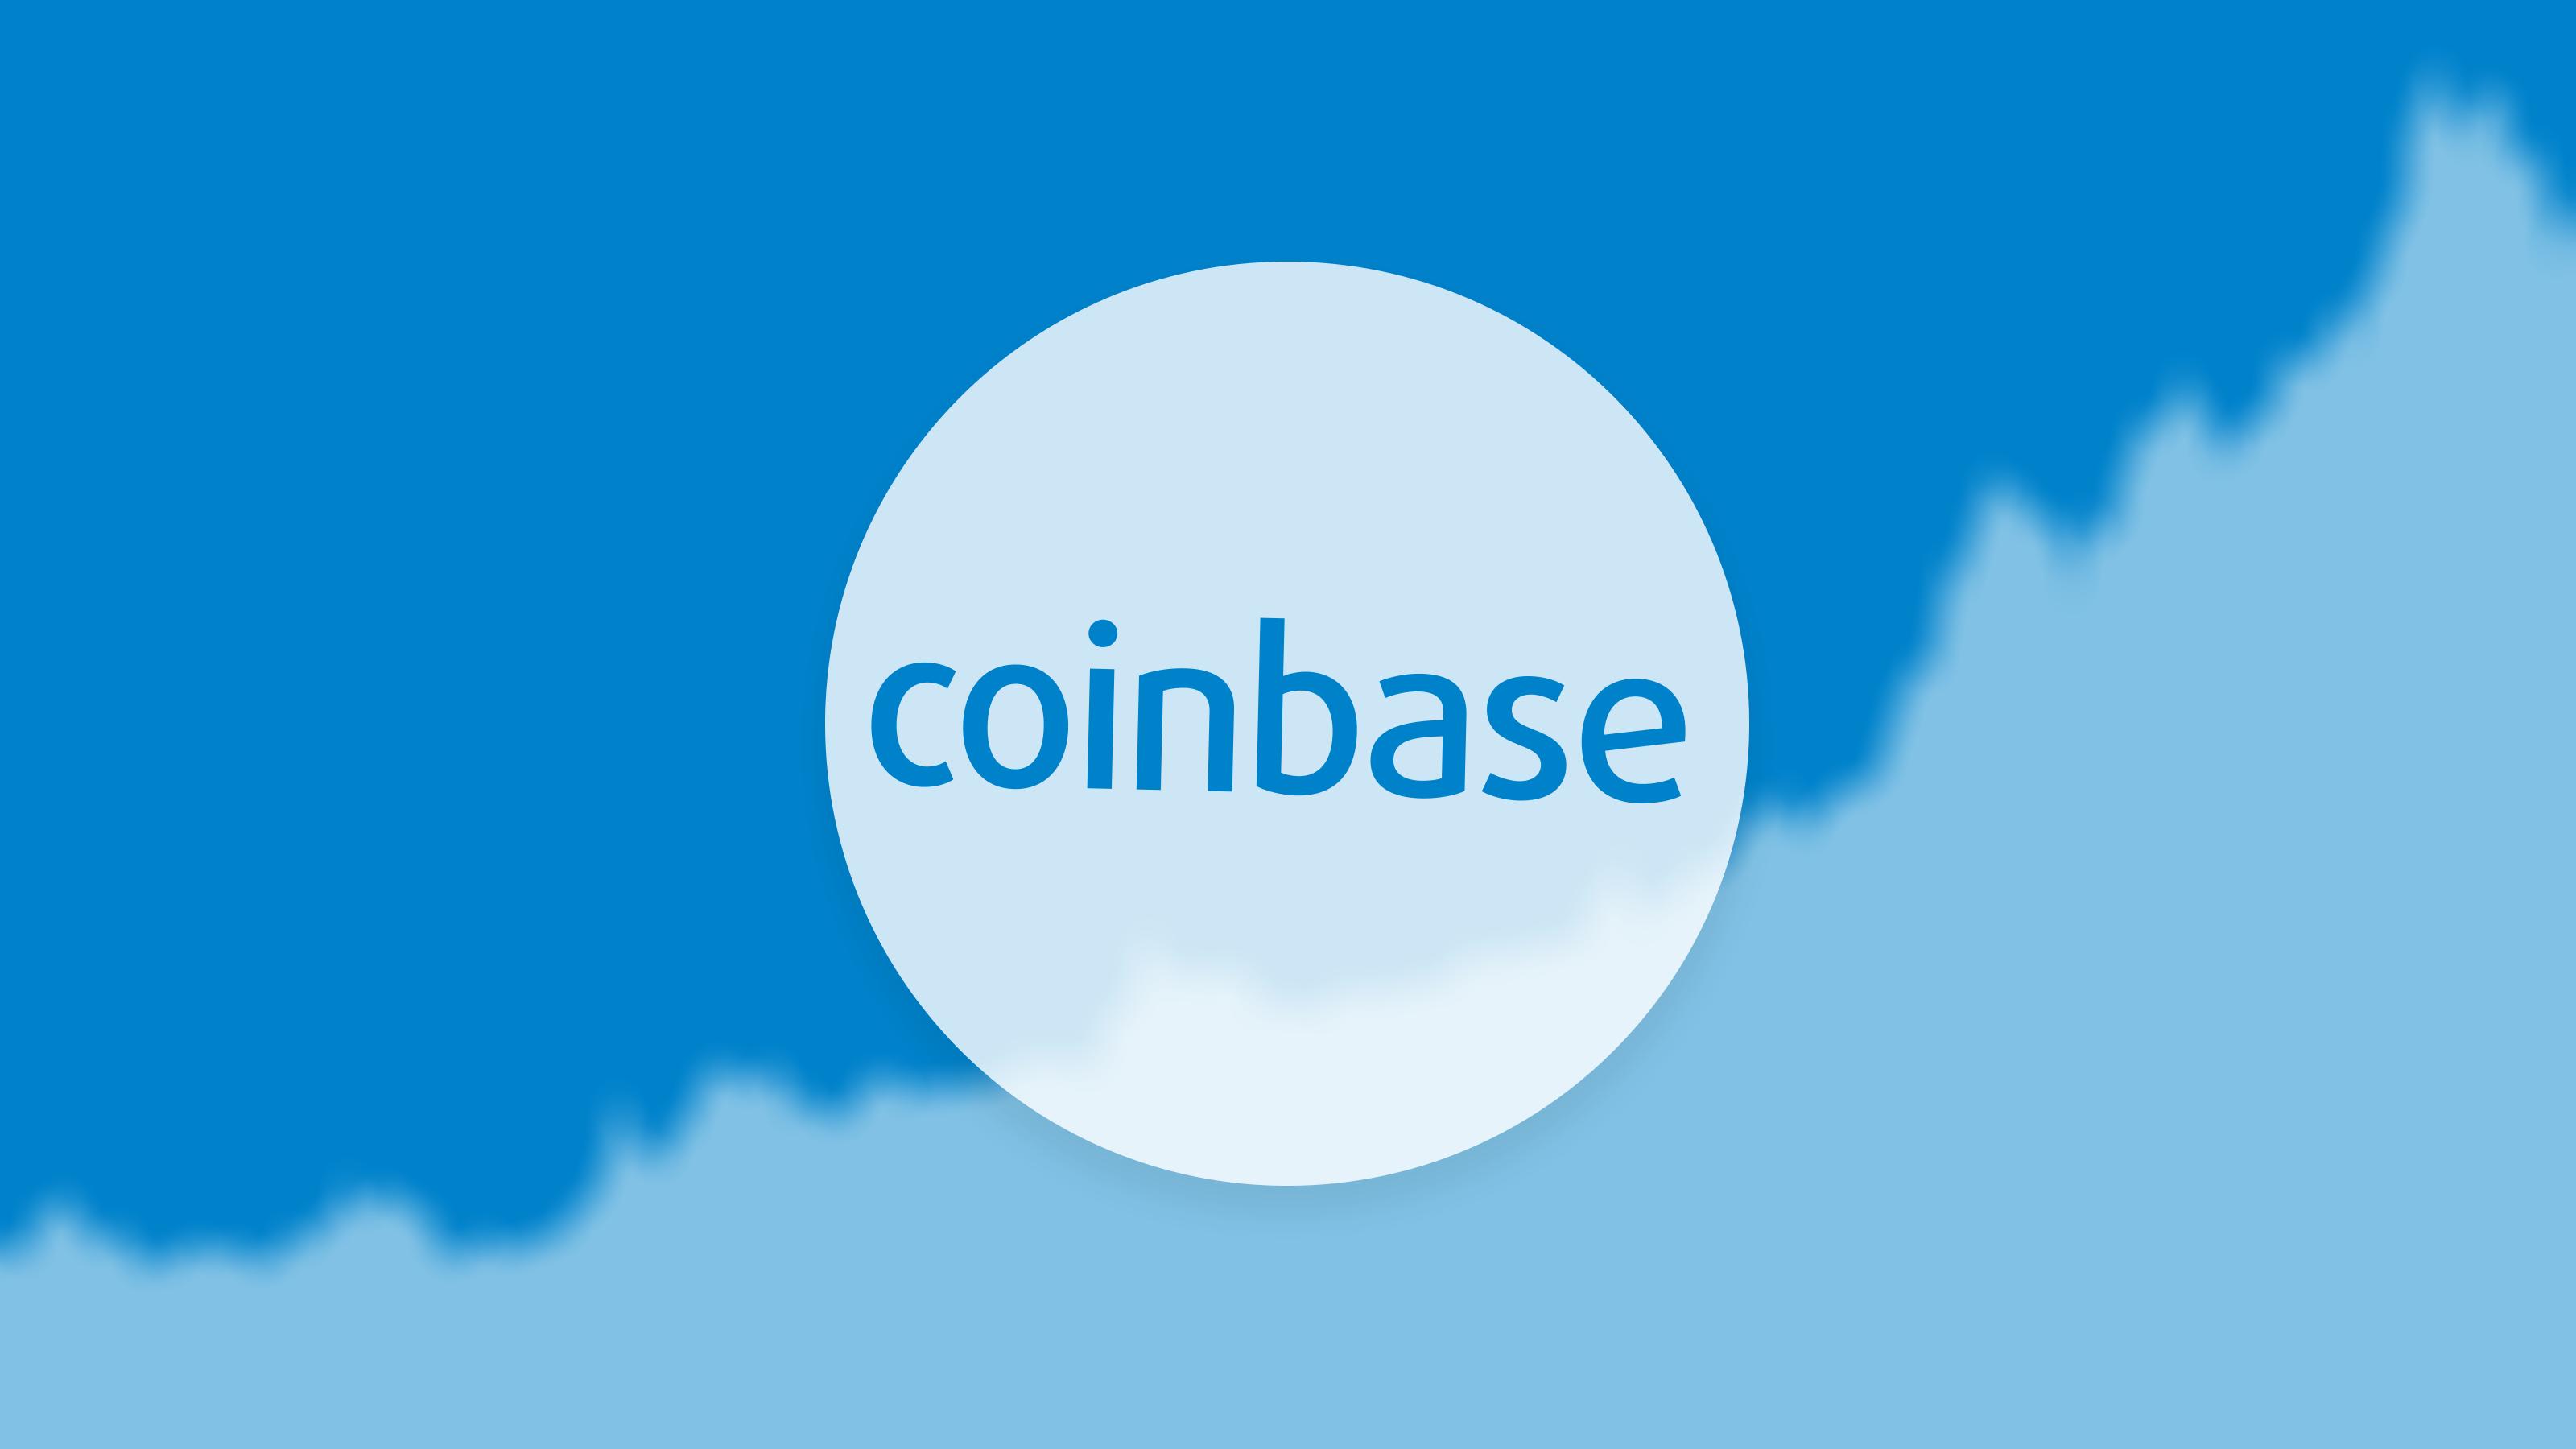 coinbase-up-chart.png